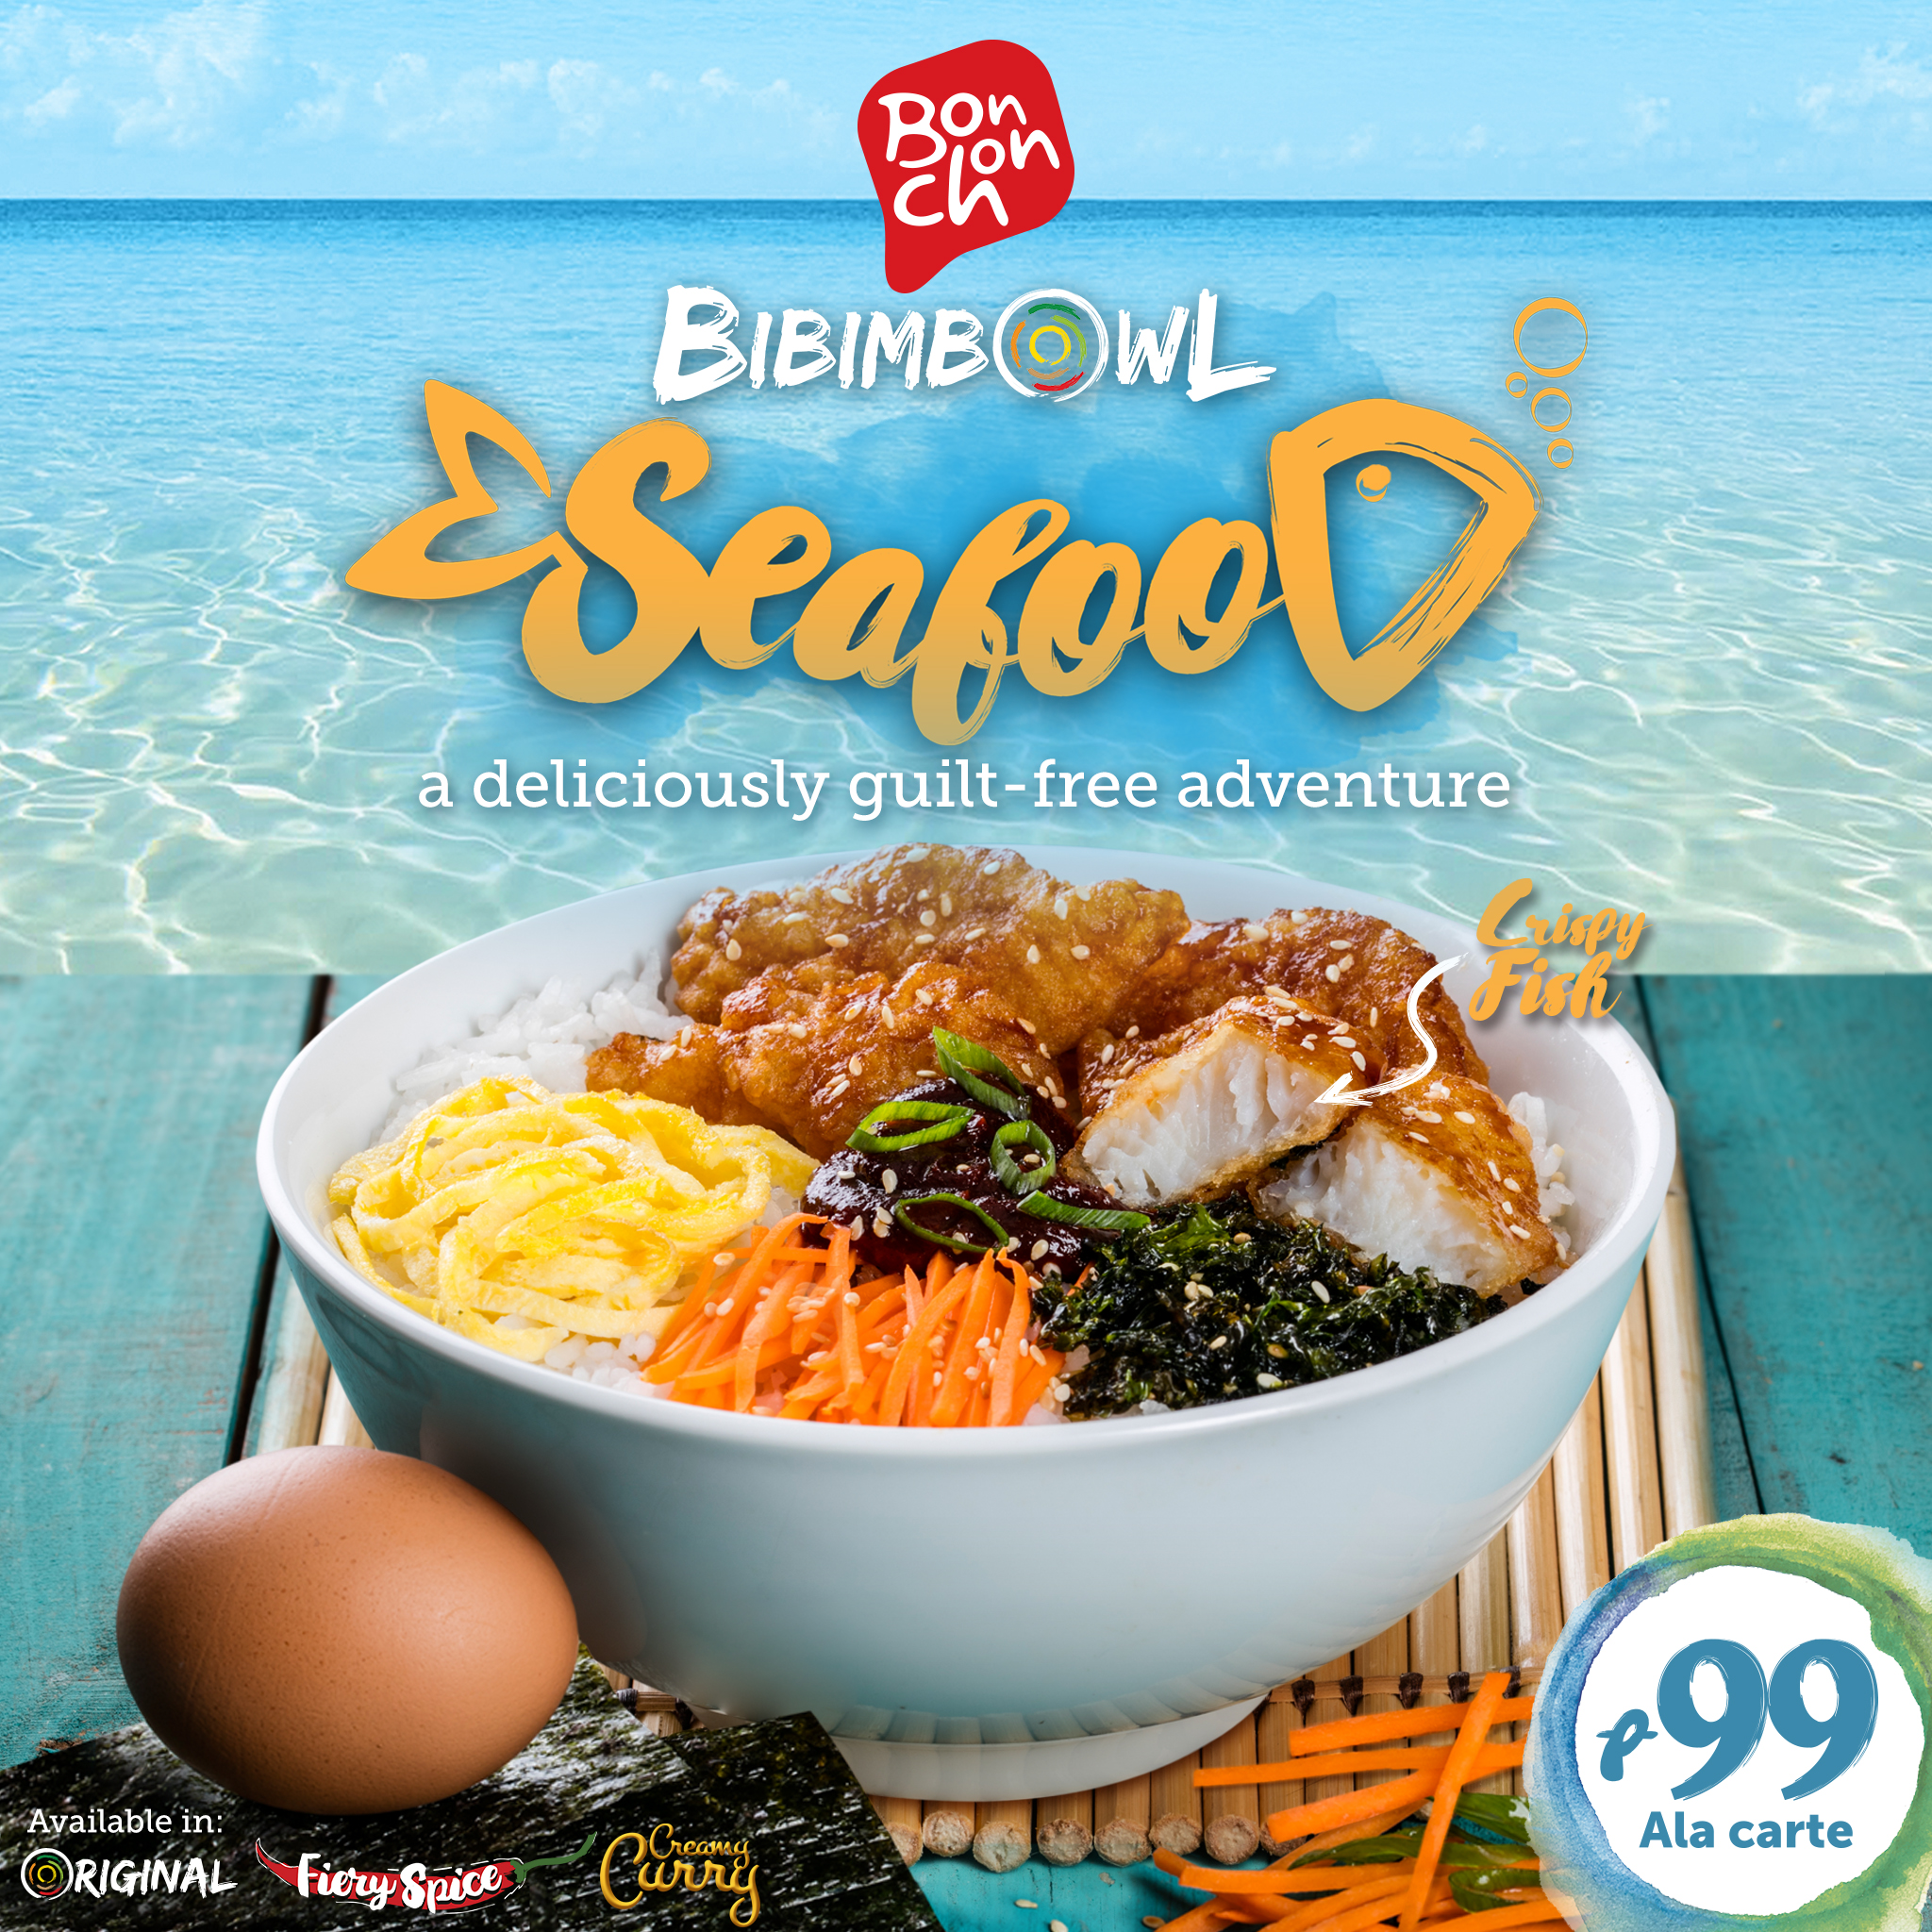 BonChon Bibimbowl Seafood